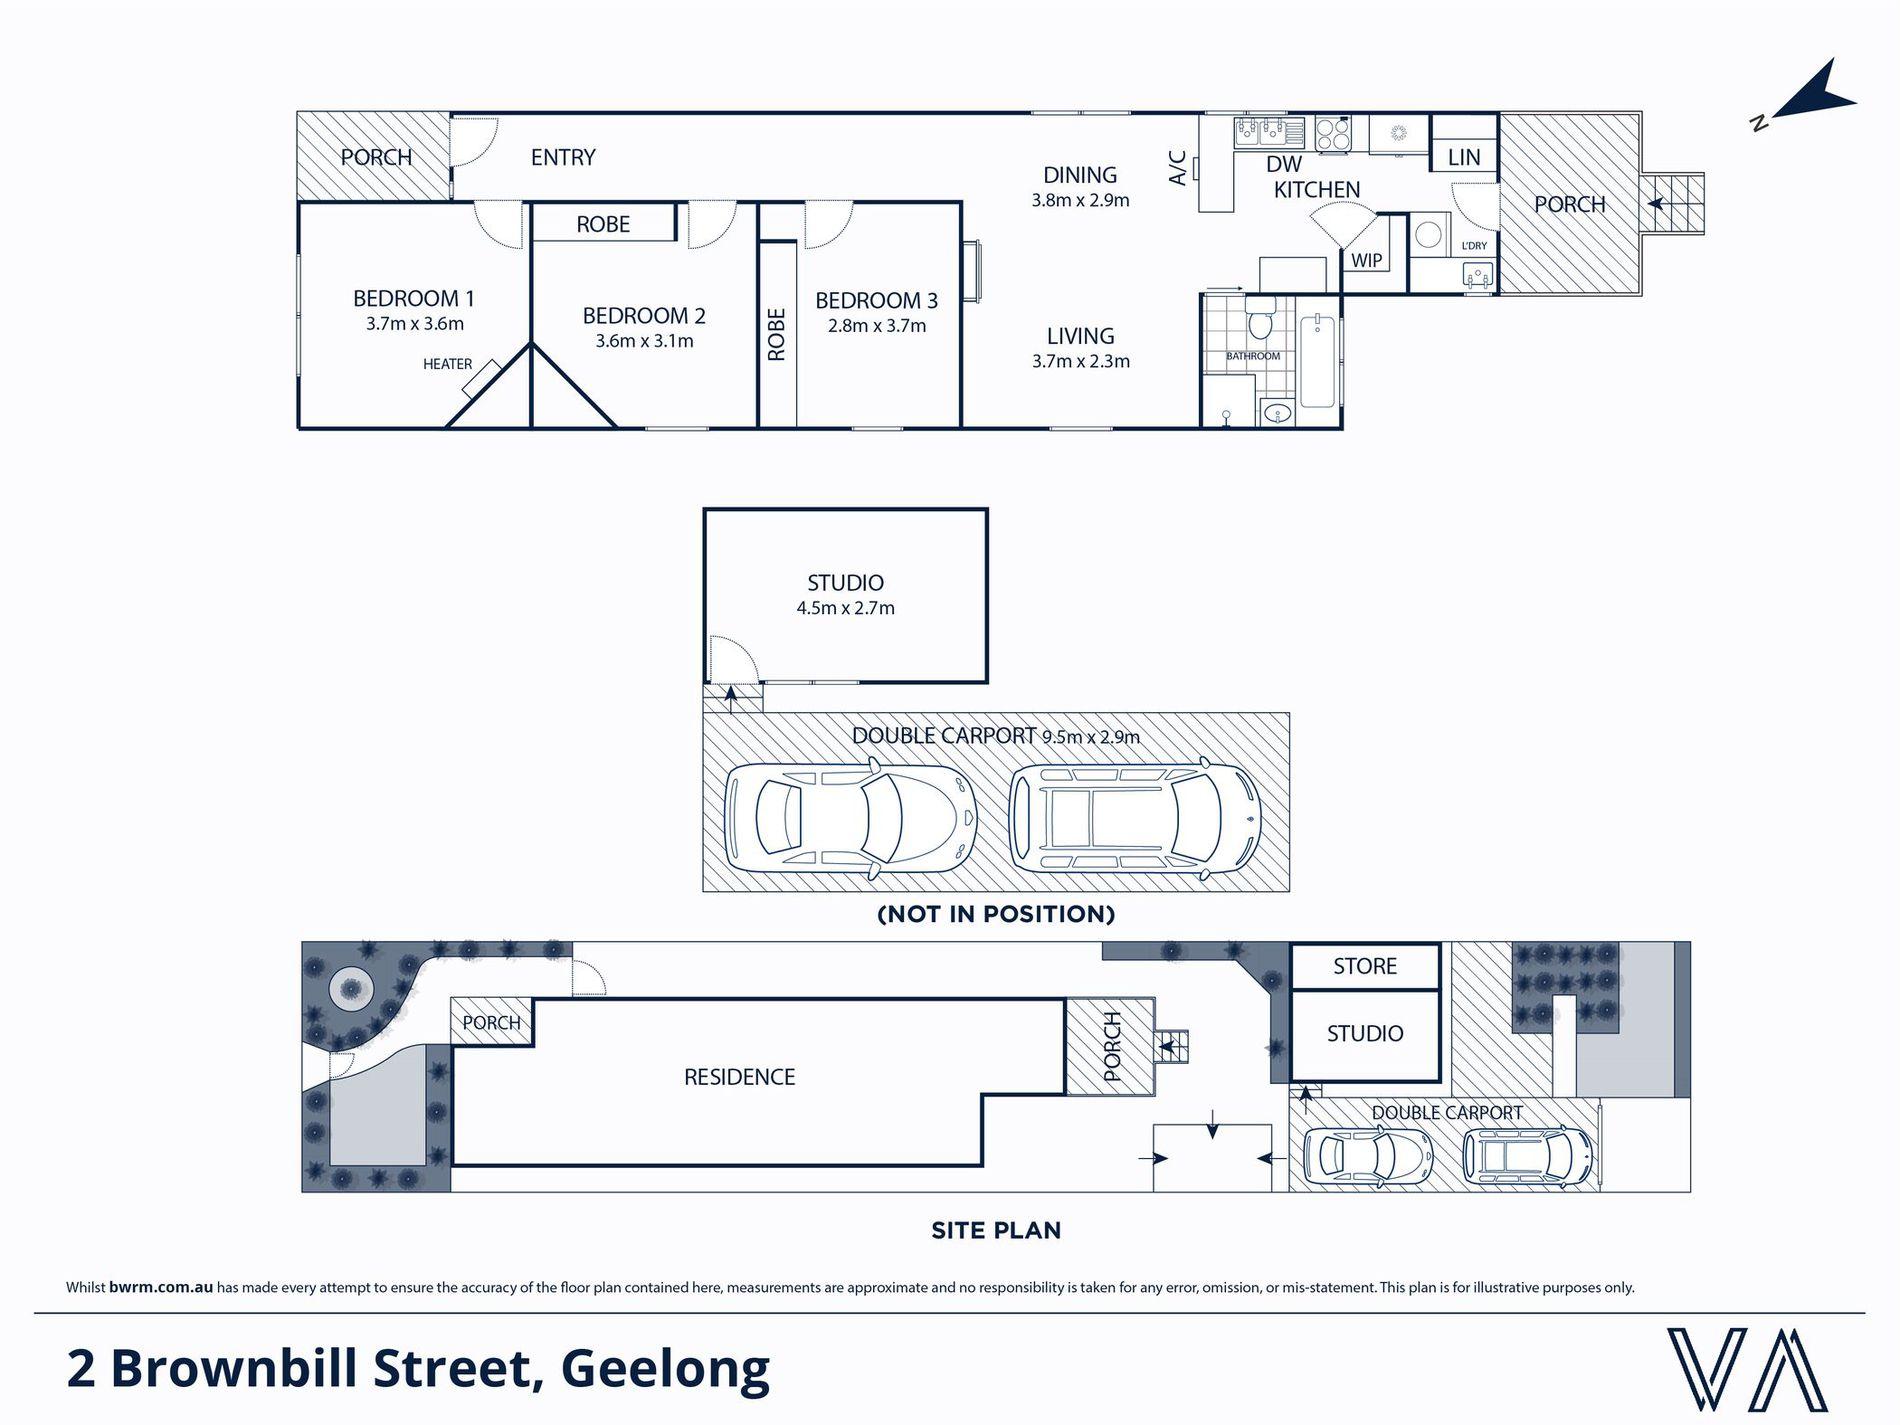 2 Brownbill Street, Geelong